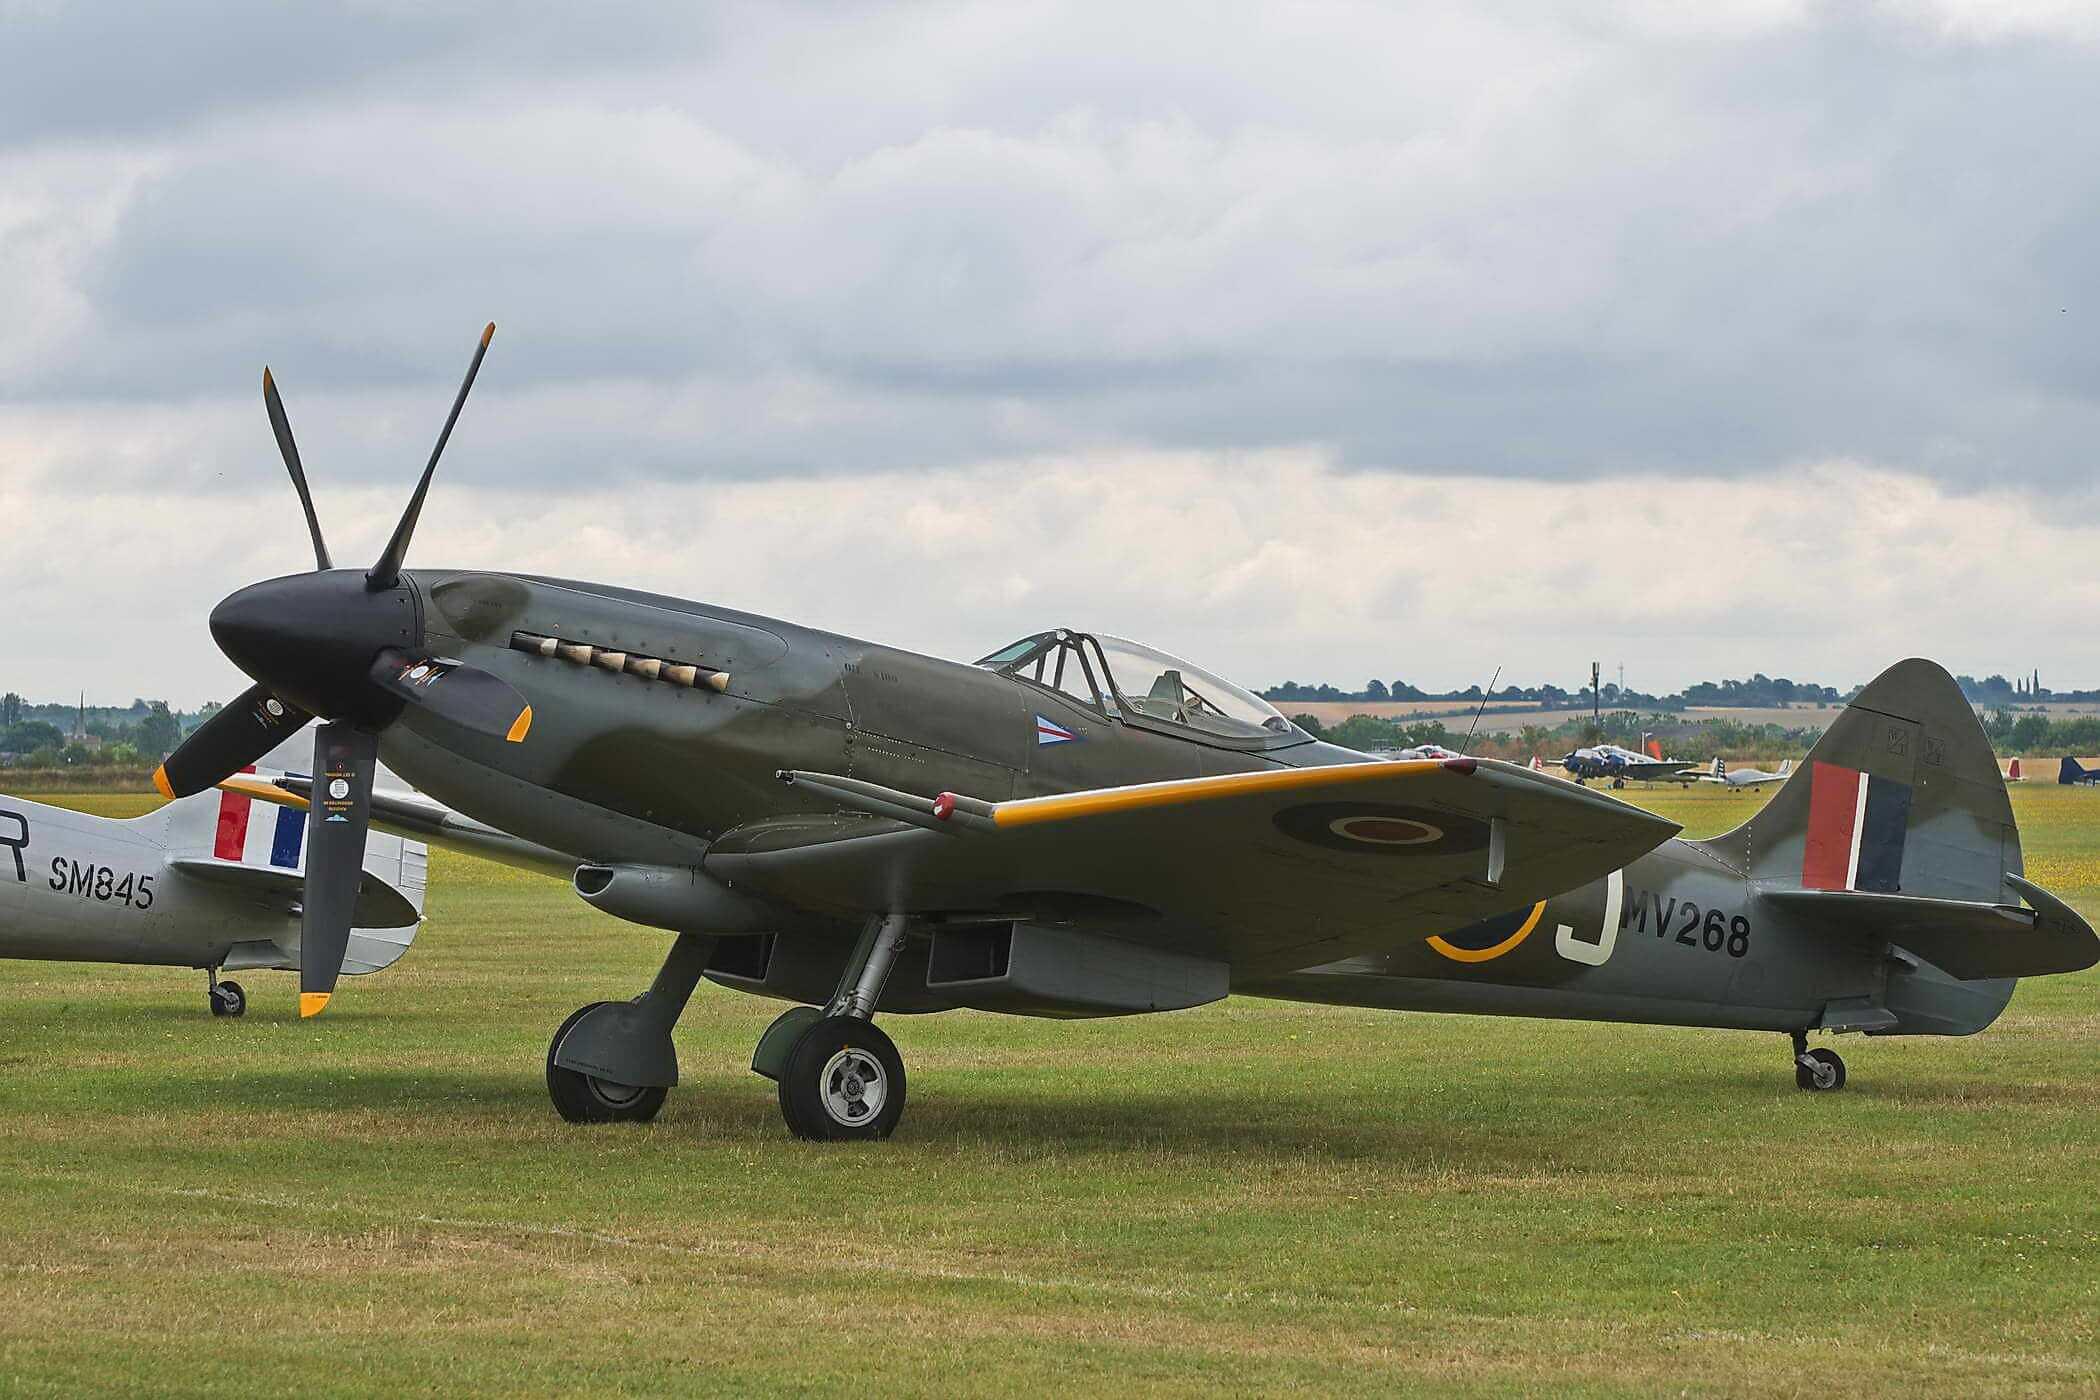 Spitfire FR XIVE Mv293